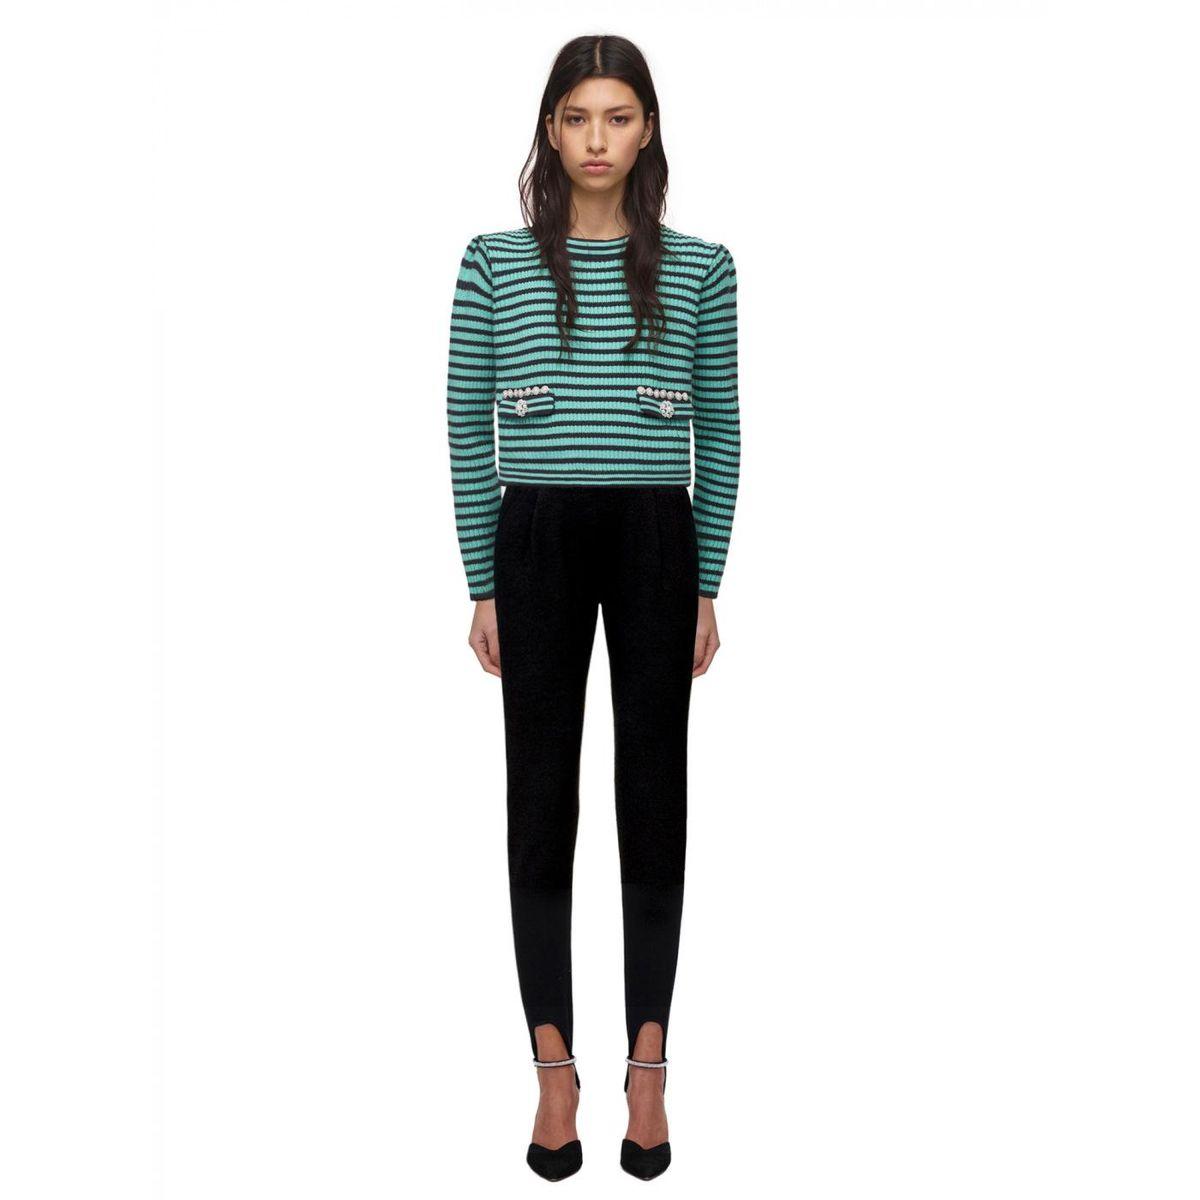 Green Melange Knit Jumper